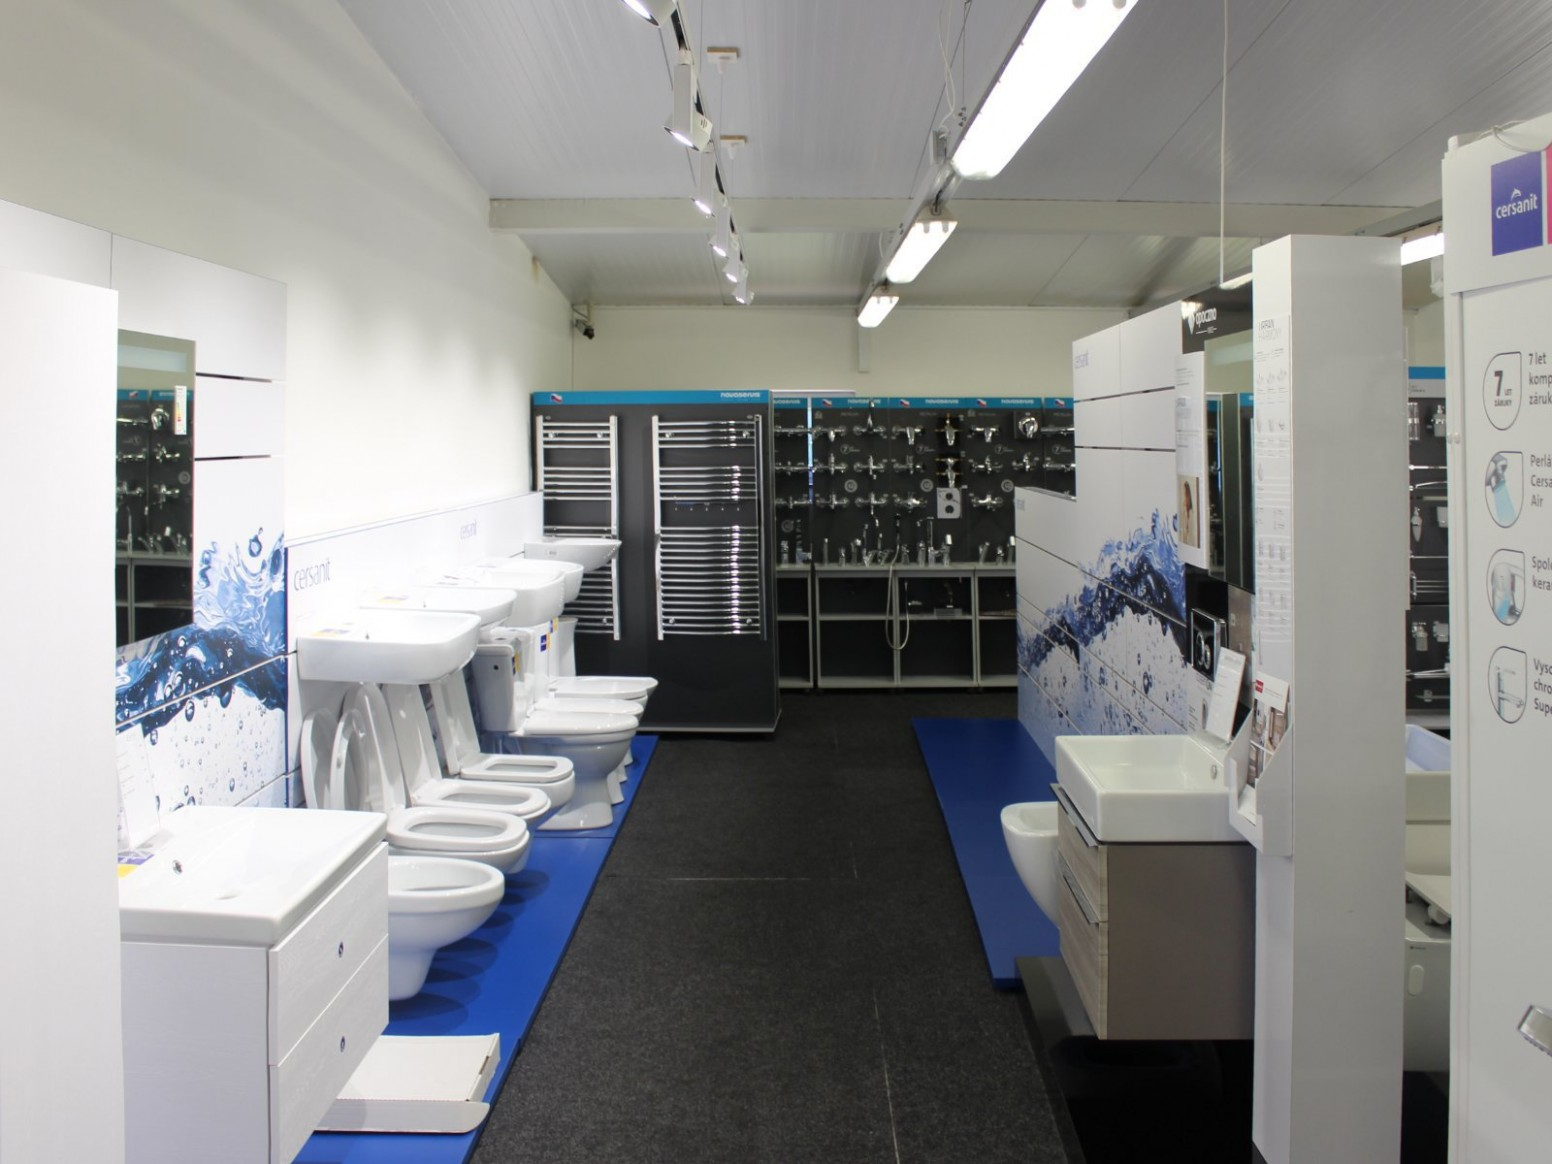 Koupelny Hradec Králové